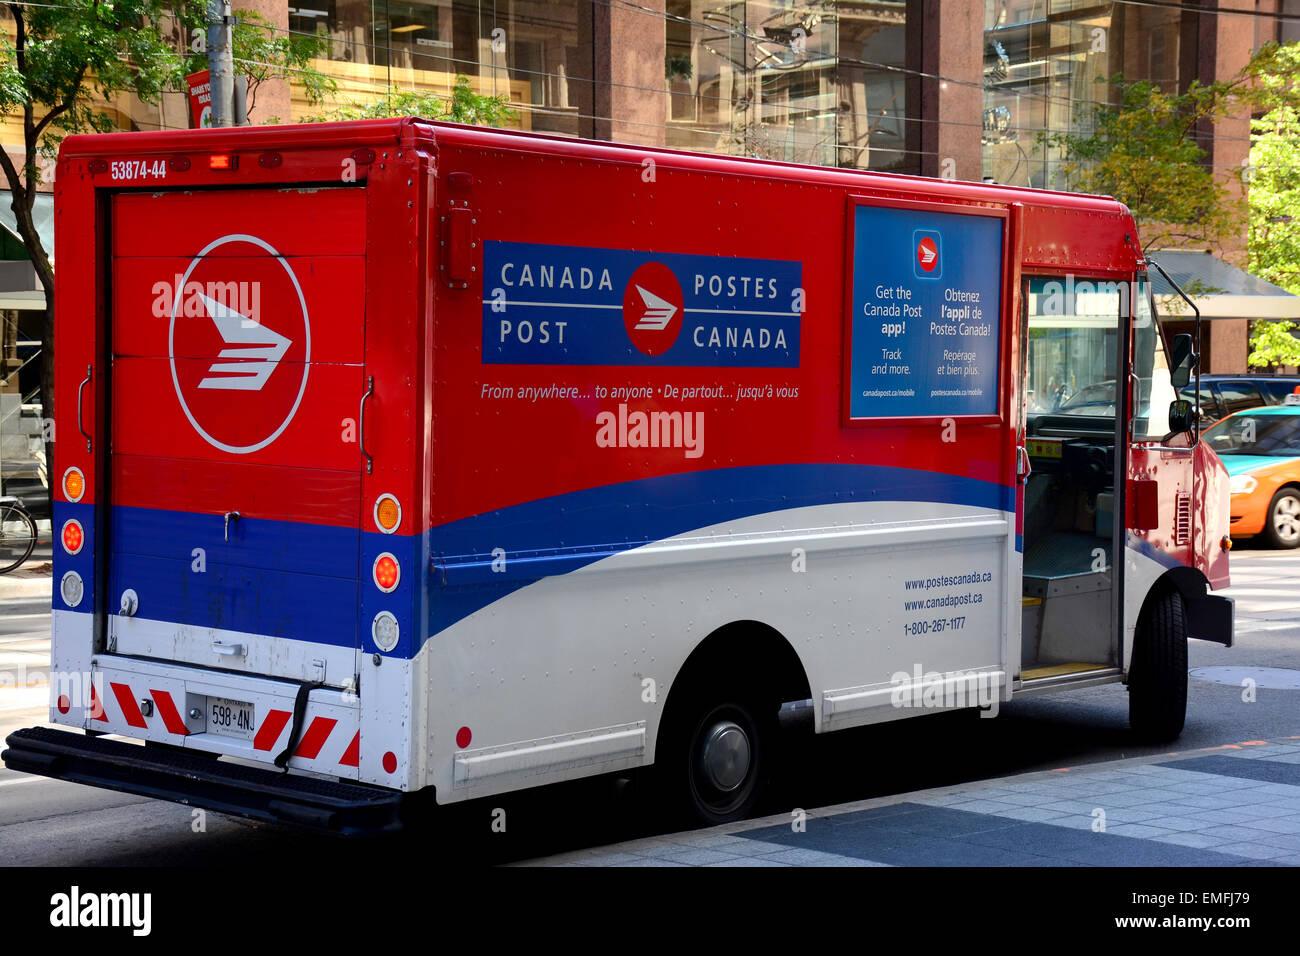 Canada Post veicolo Immagini Stock